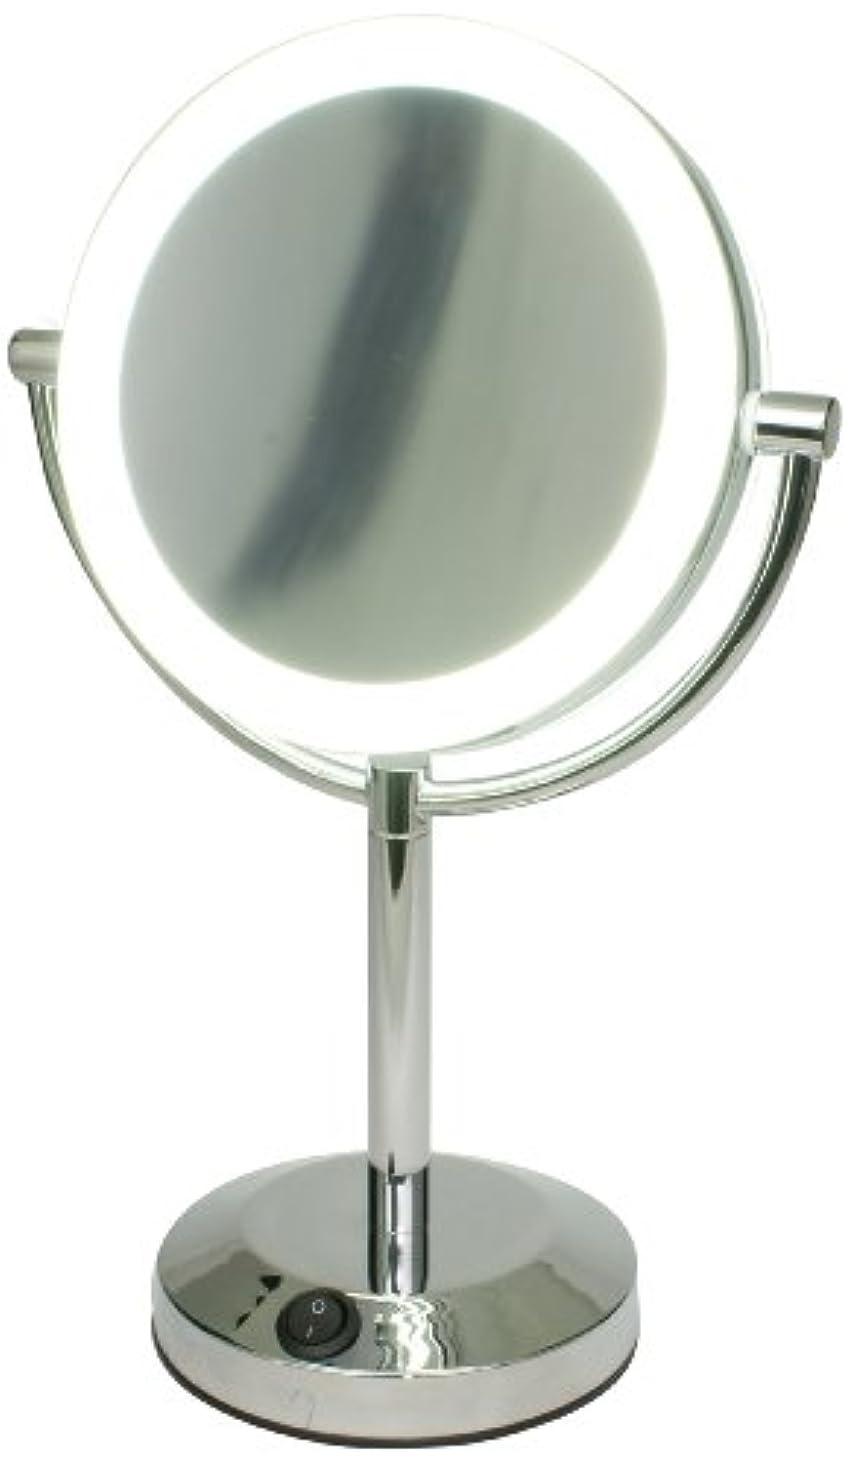 静める明るくするカラス真実の鏡DX 両面型 EC005AC-5X